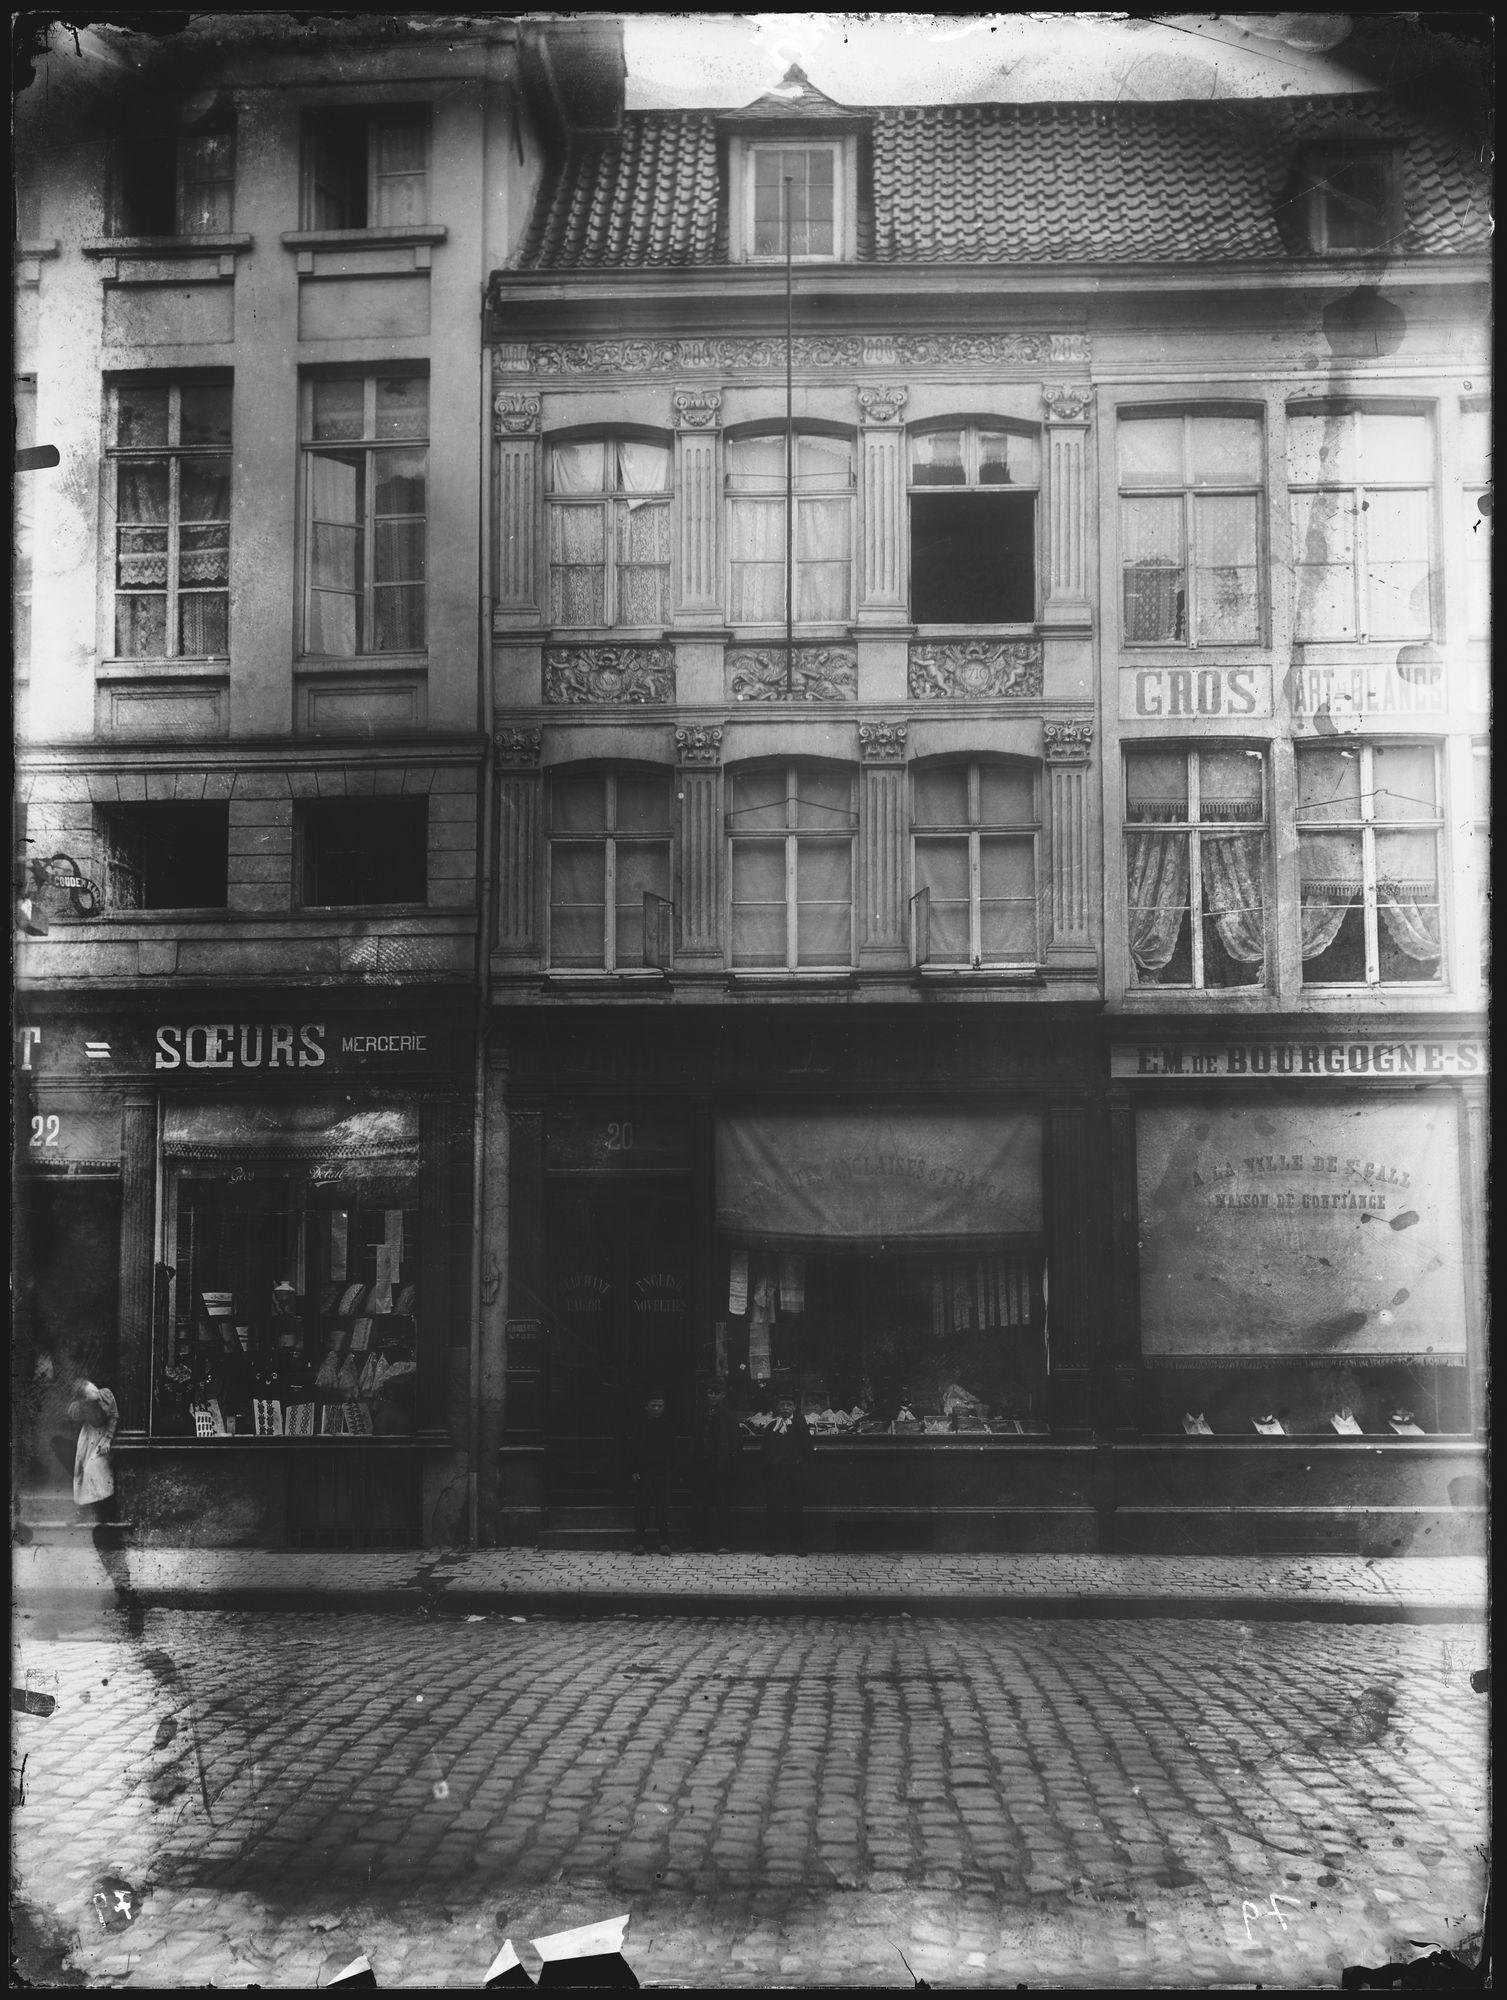 Kledijwinkels in de Doorniksestraat